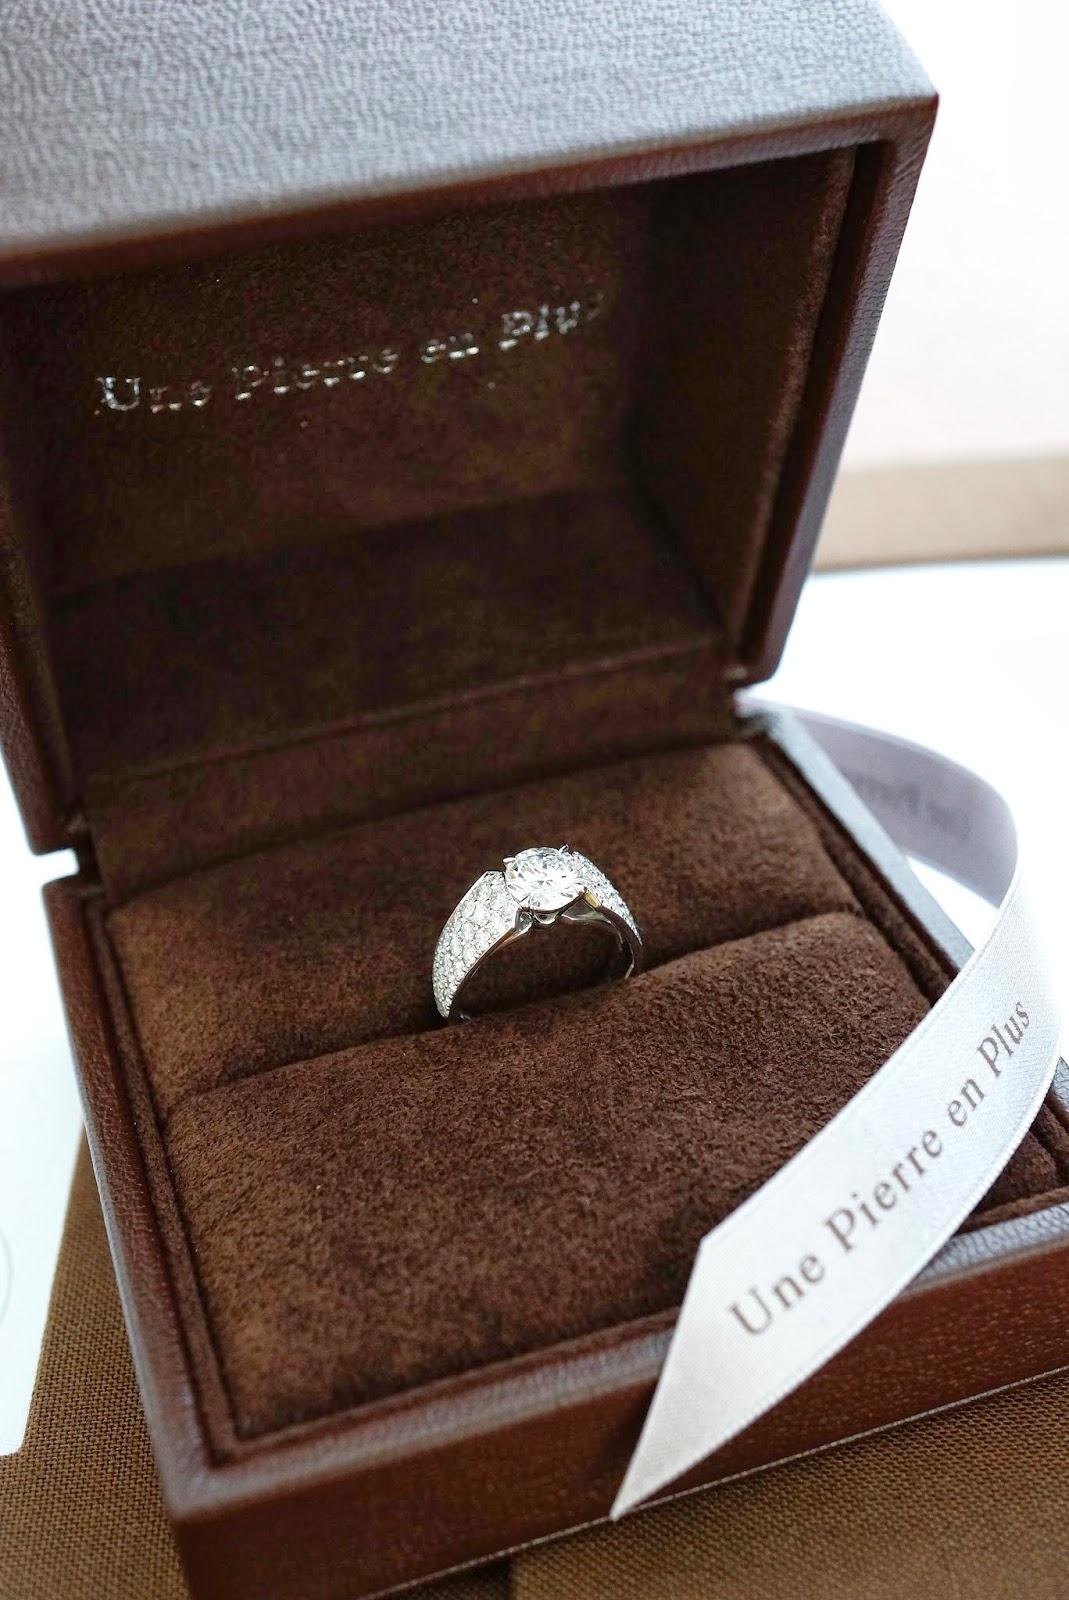 眠っていた大切な婚約指輪でエレガントなリングにリメイク(リ・スタイル)した幸せ。